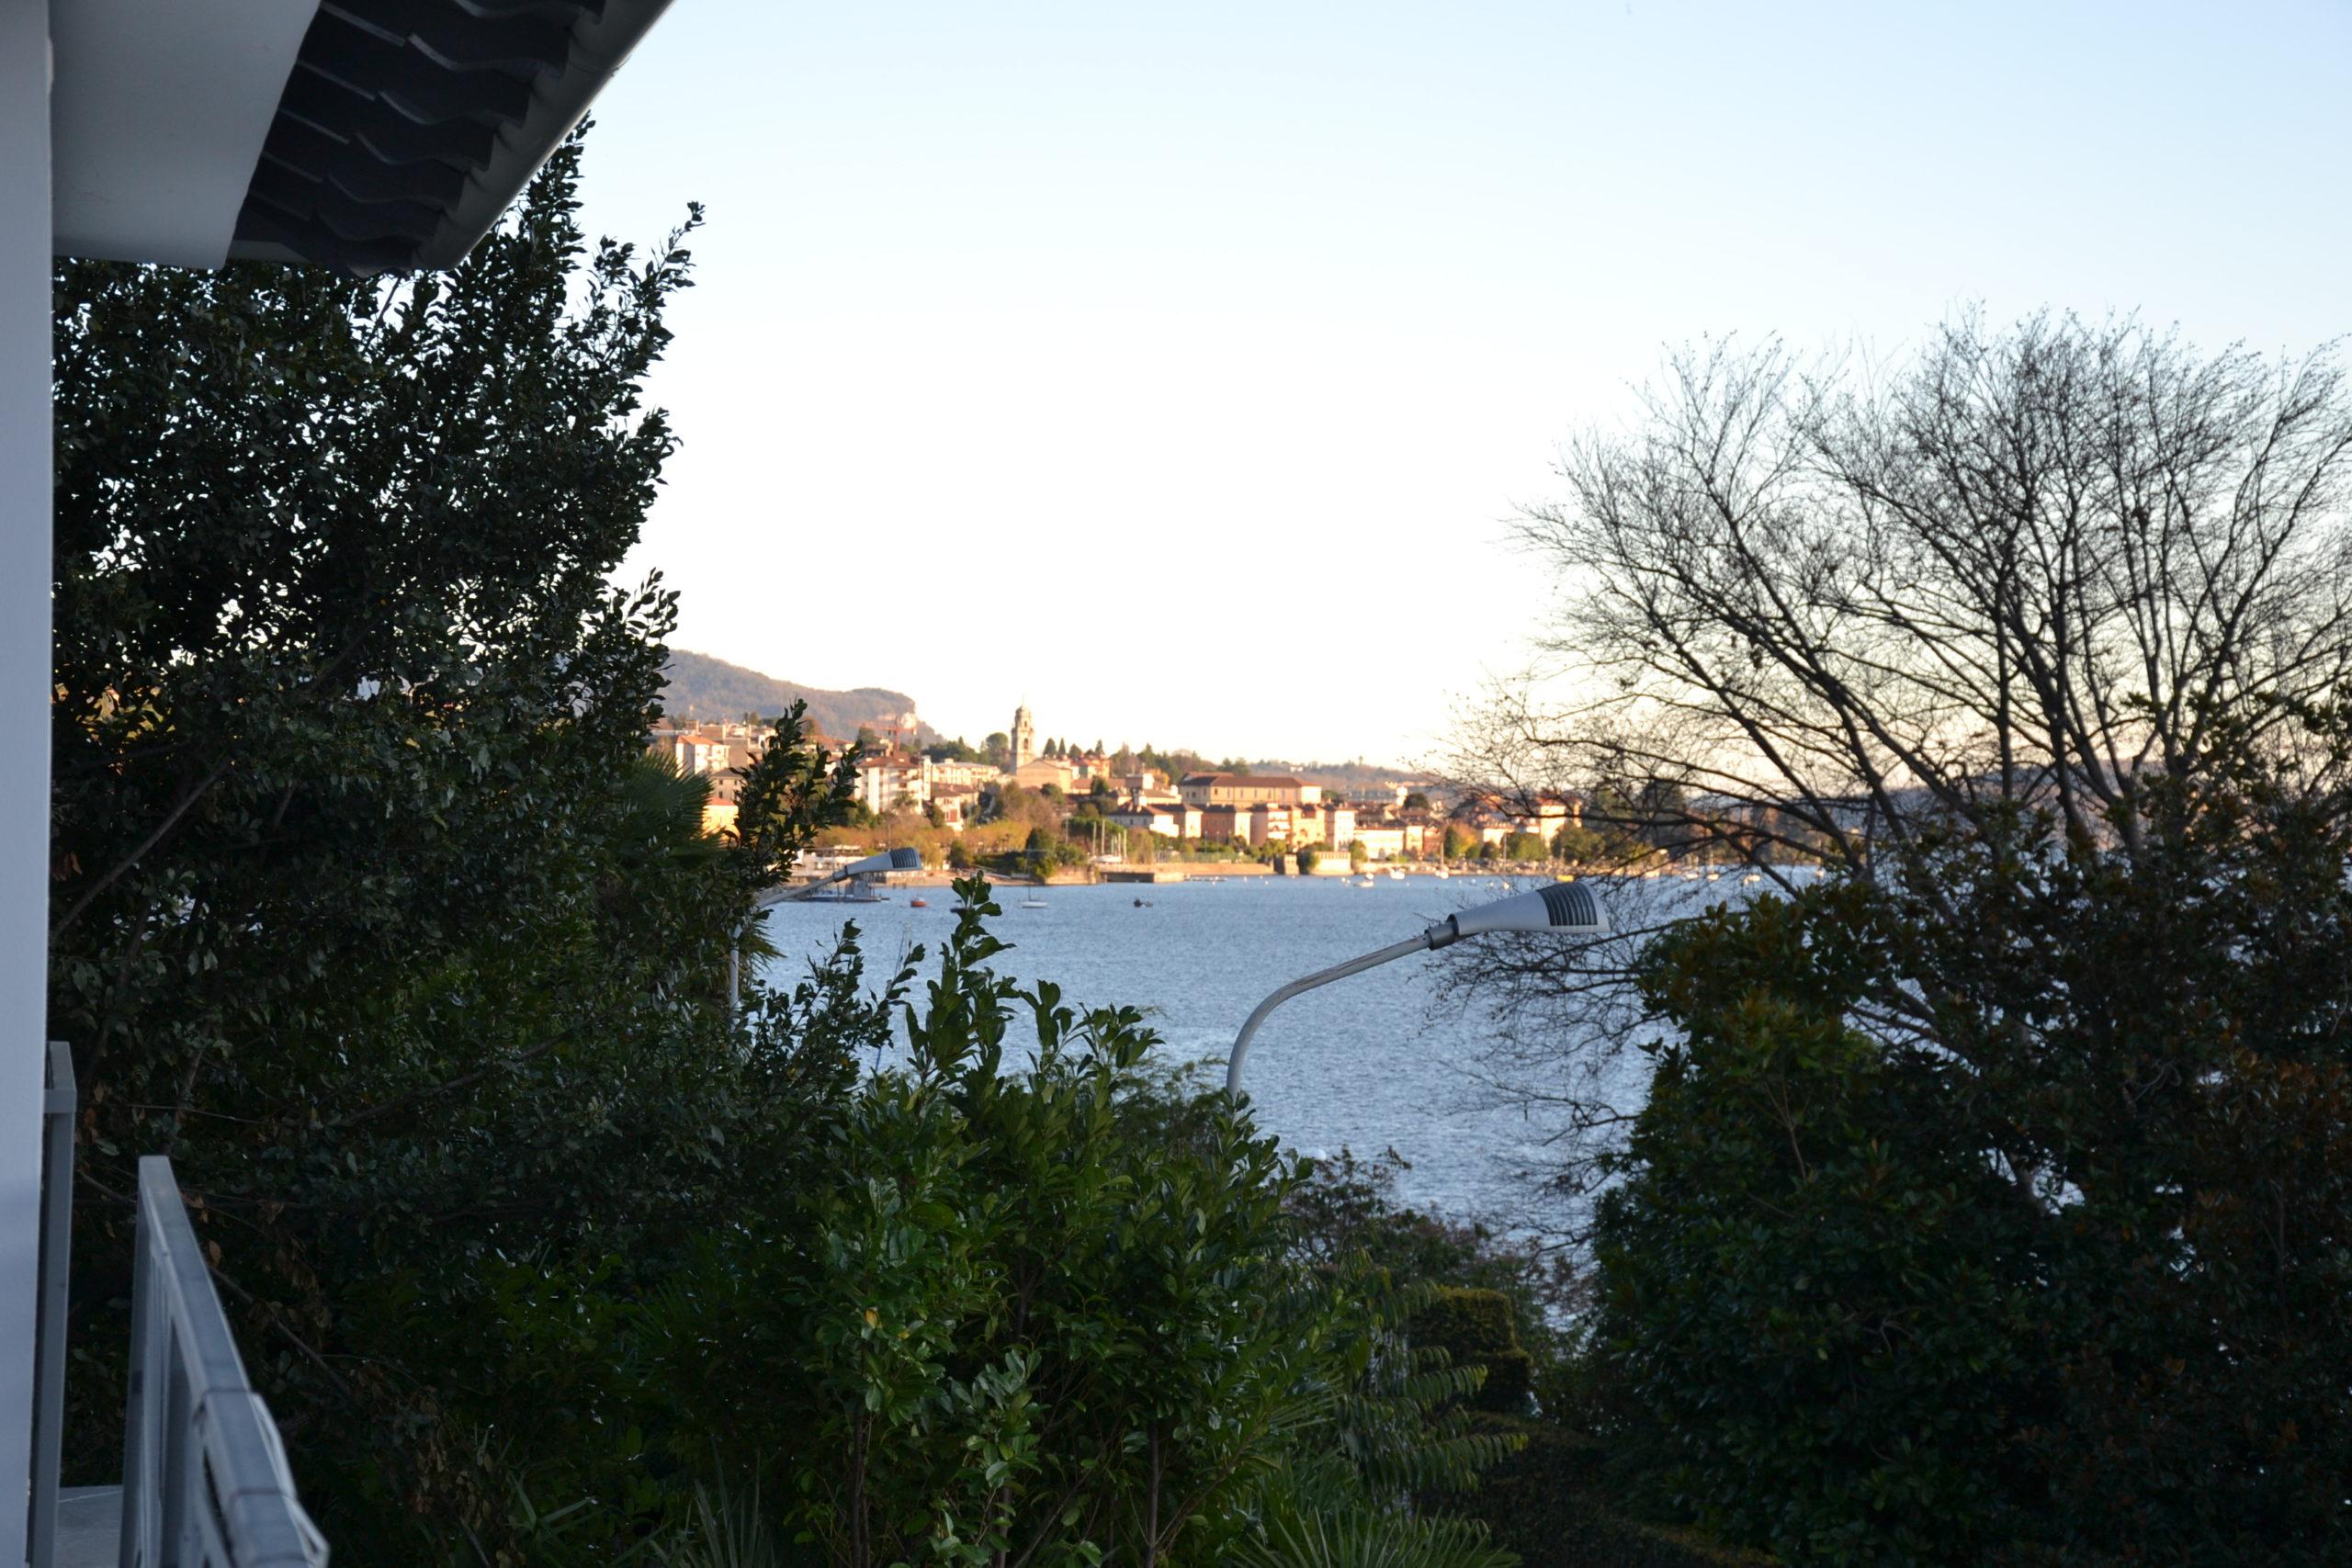 Foto Villa con vista lago, Suna. Dall'antico al moderno